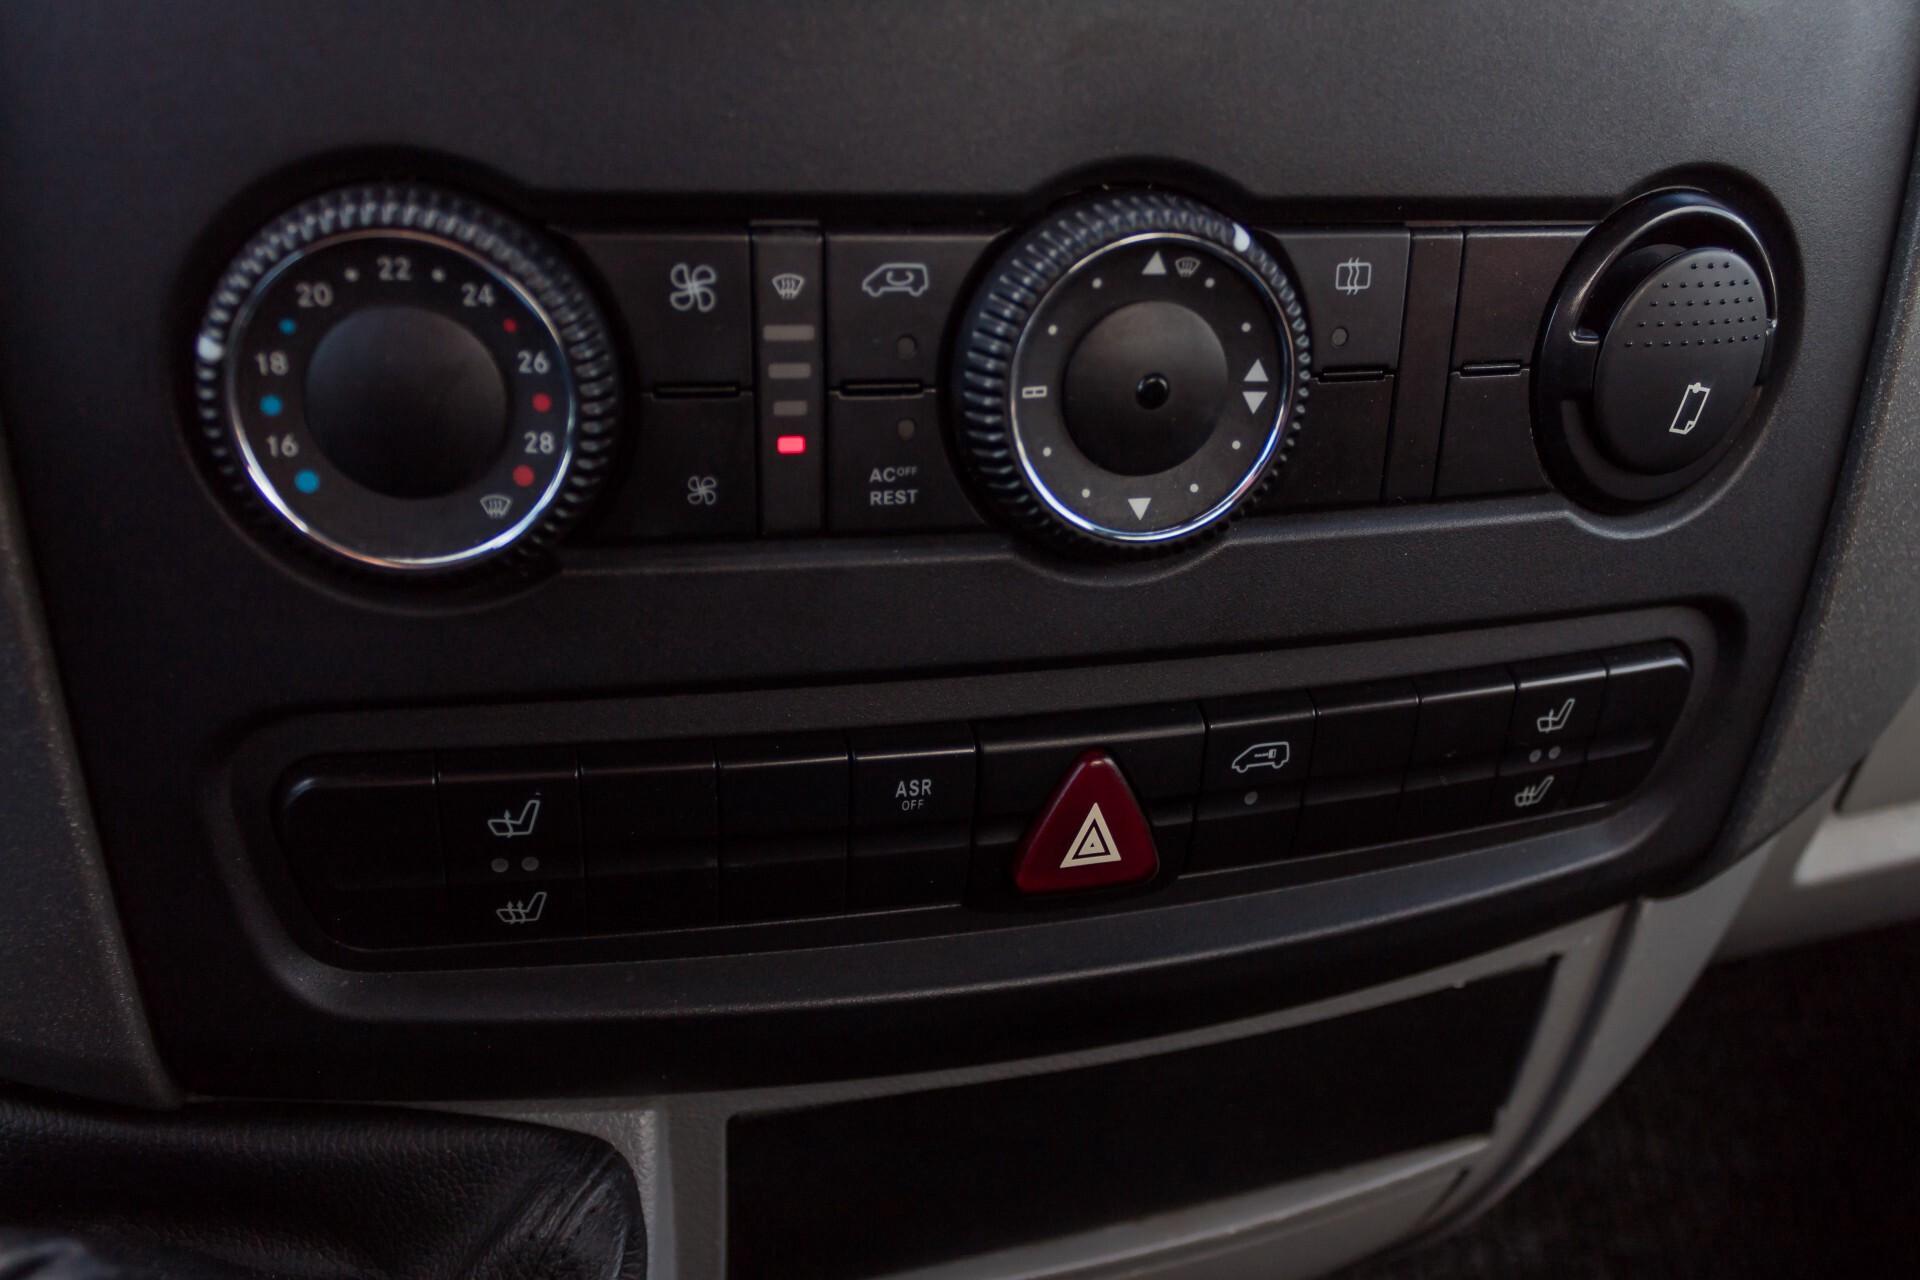 Mercedes-Benz Sprinter 518 3.0 Cdi V6 Oprijwagen / Auto ambulance 7360 kg Foto 19